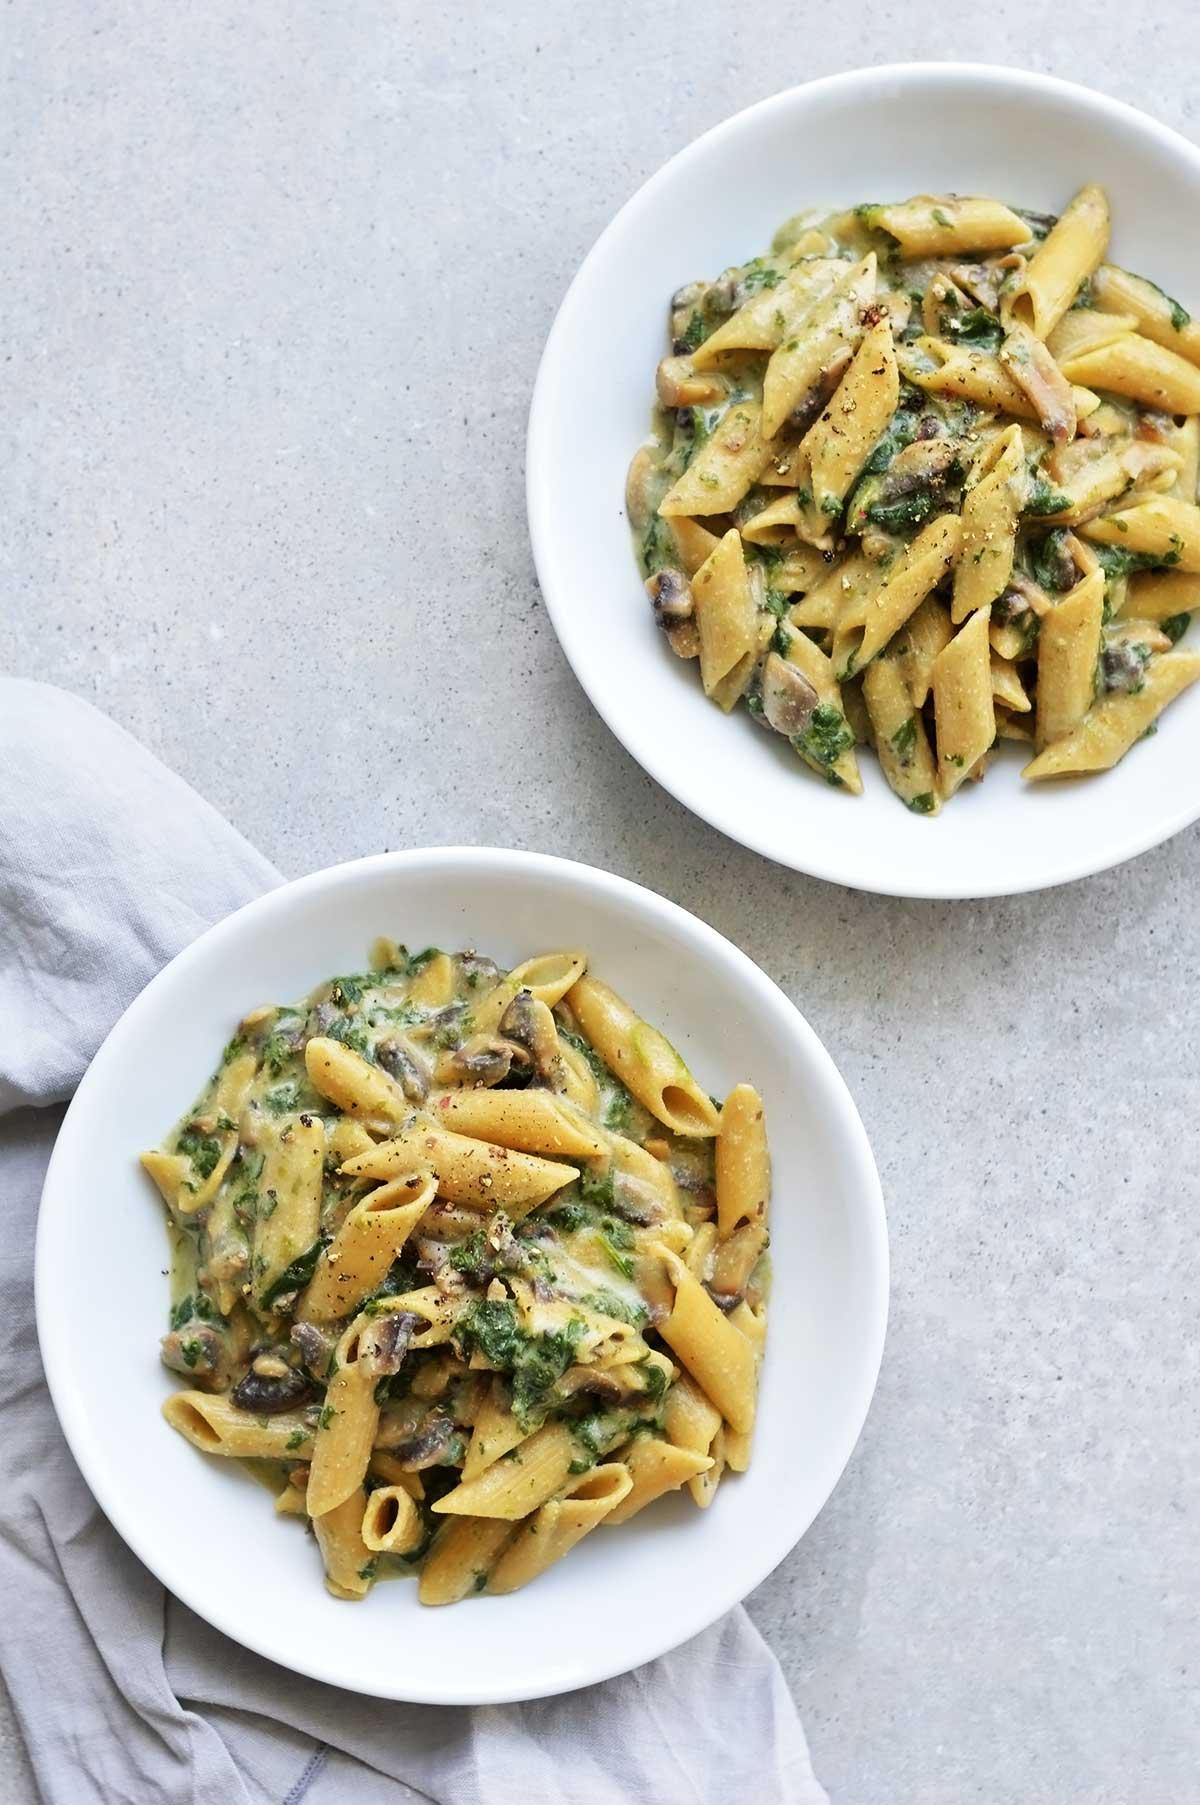 dos platos de pasta a la crema con espinacas y champiñones